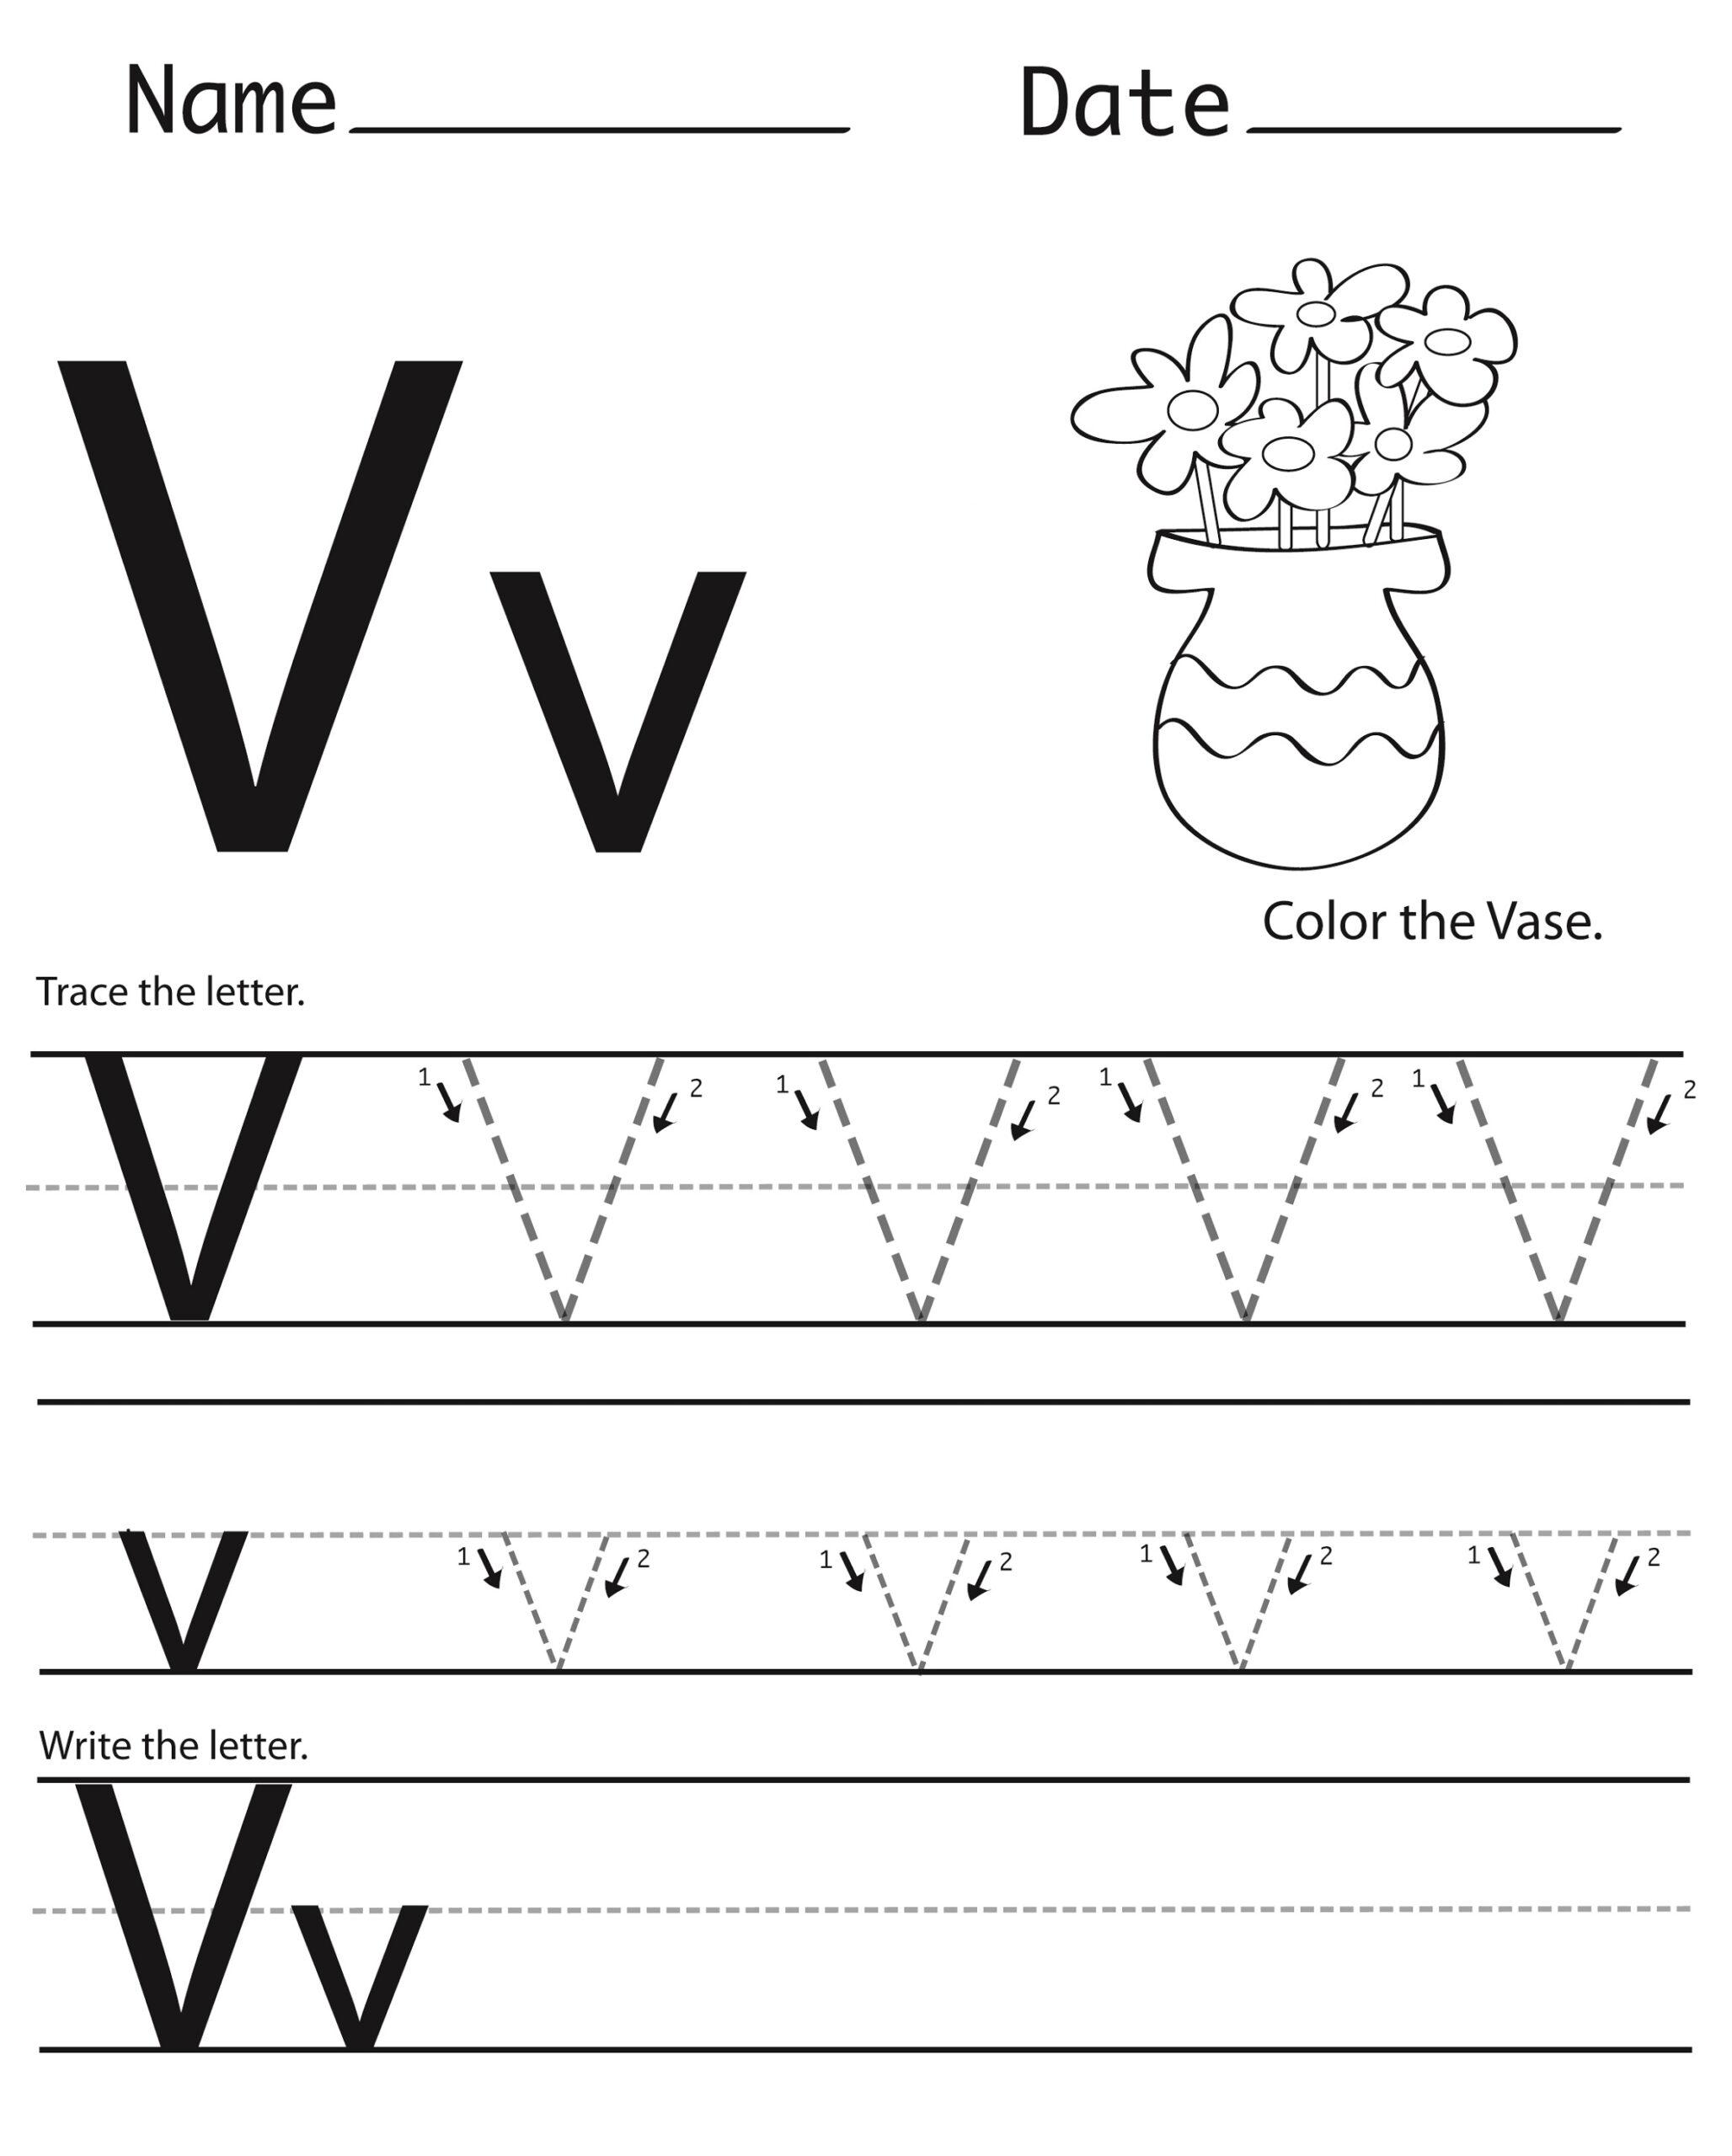 Letter V Worksheets Students Alphabet Practice | Printable regarding Letter V Worksheets For Toddlers